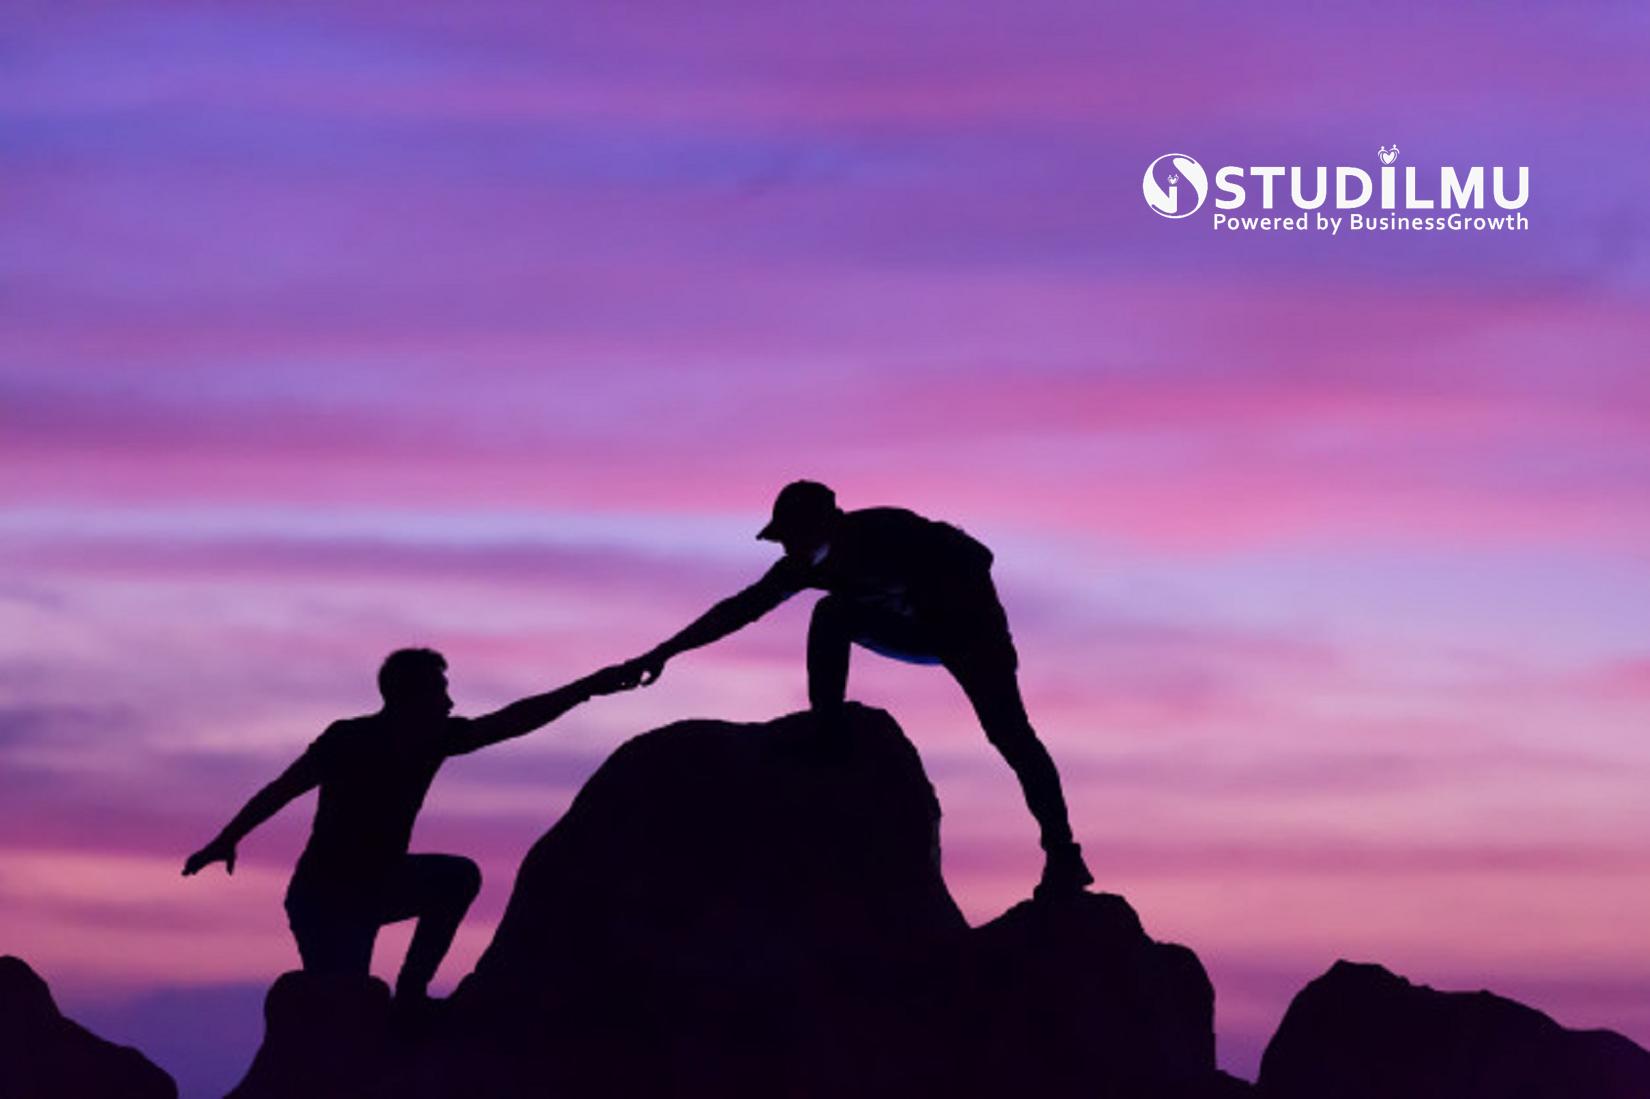 STUDILMU Career Advice - 6 Cara Mempertahankan Motivasi Diri